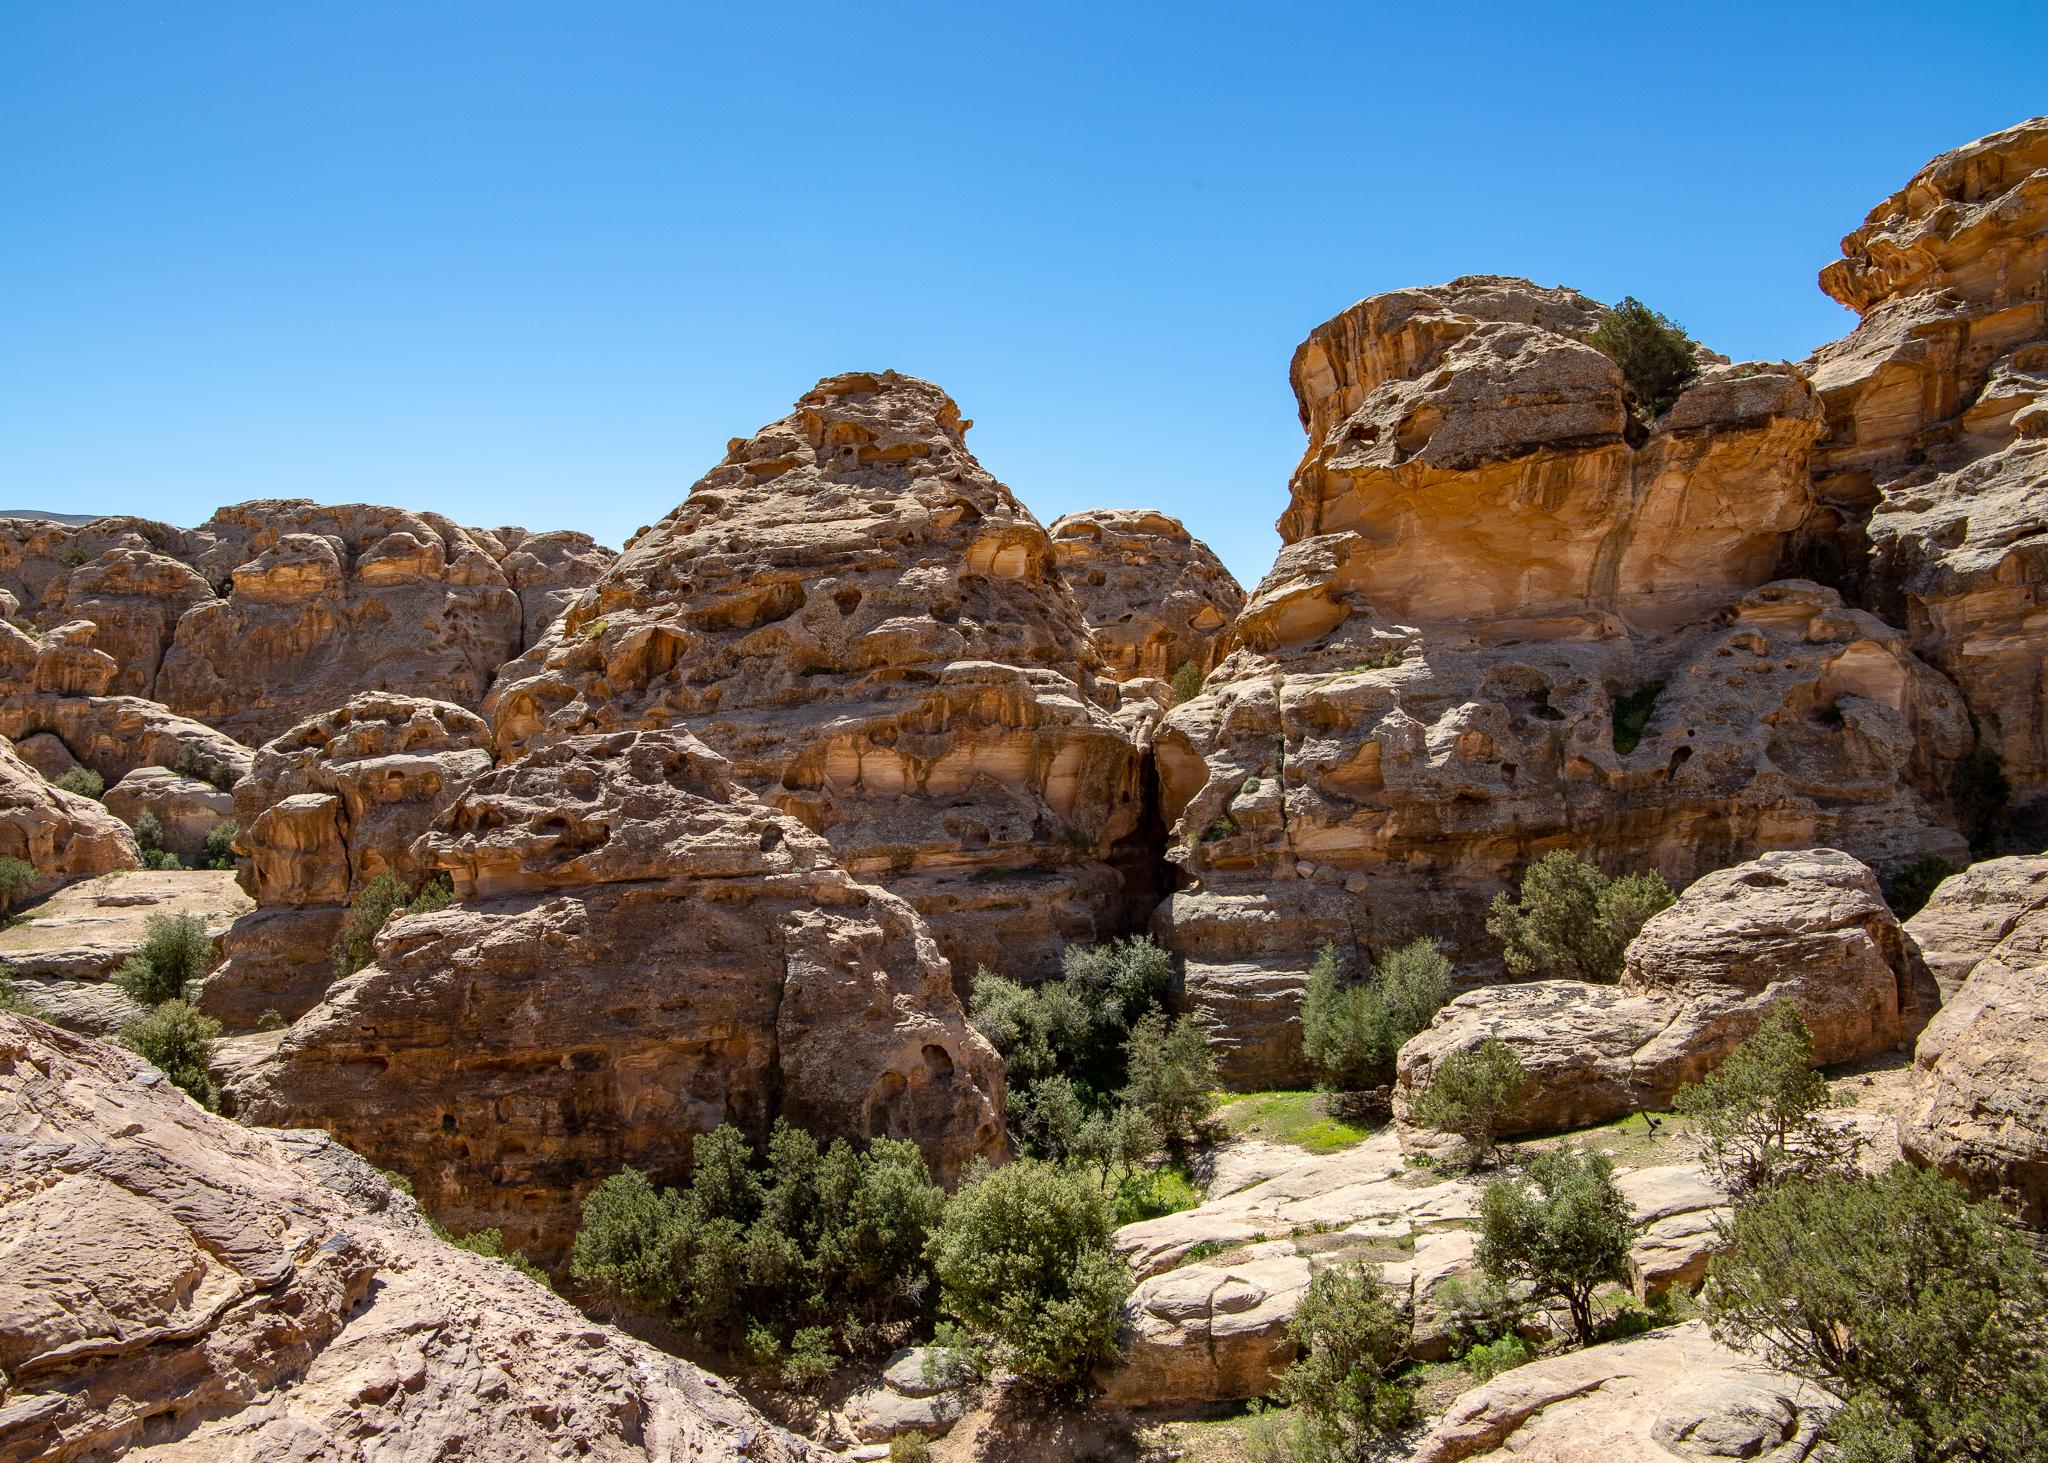 Views of the Hidden Canyon